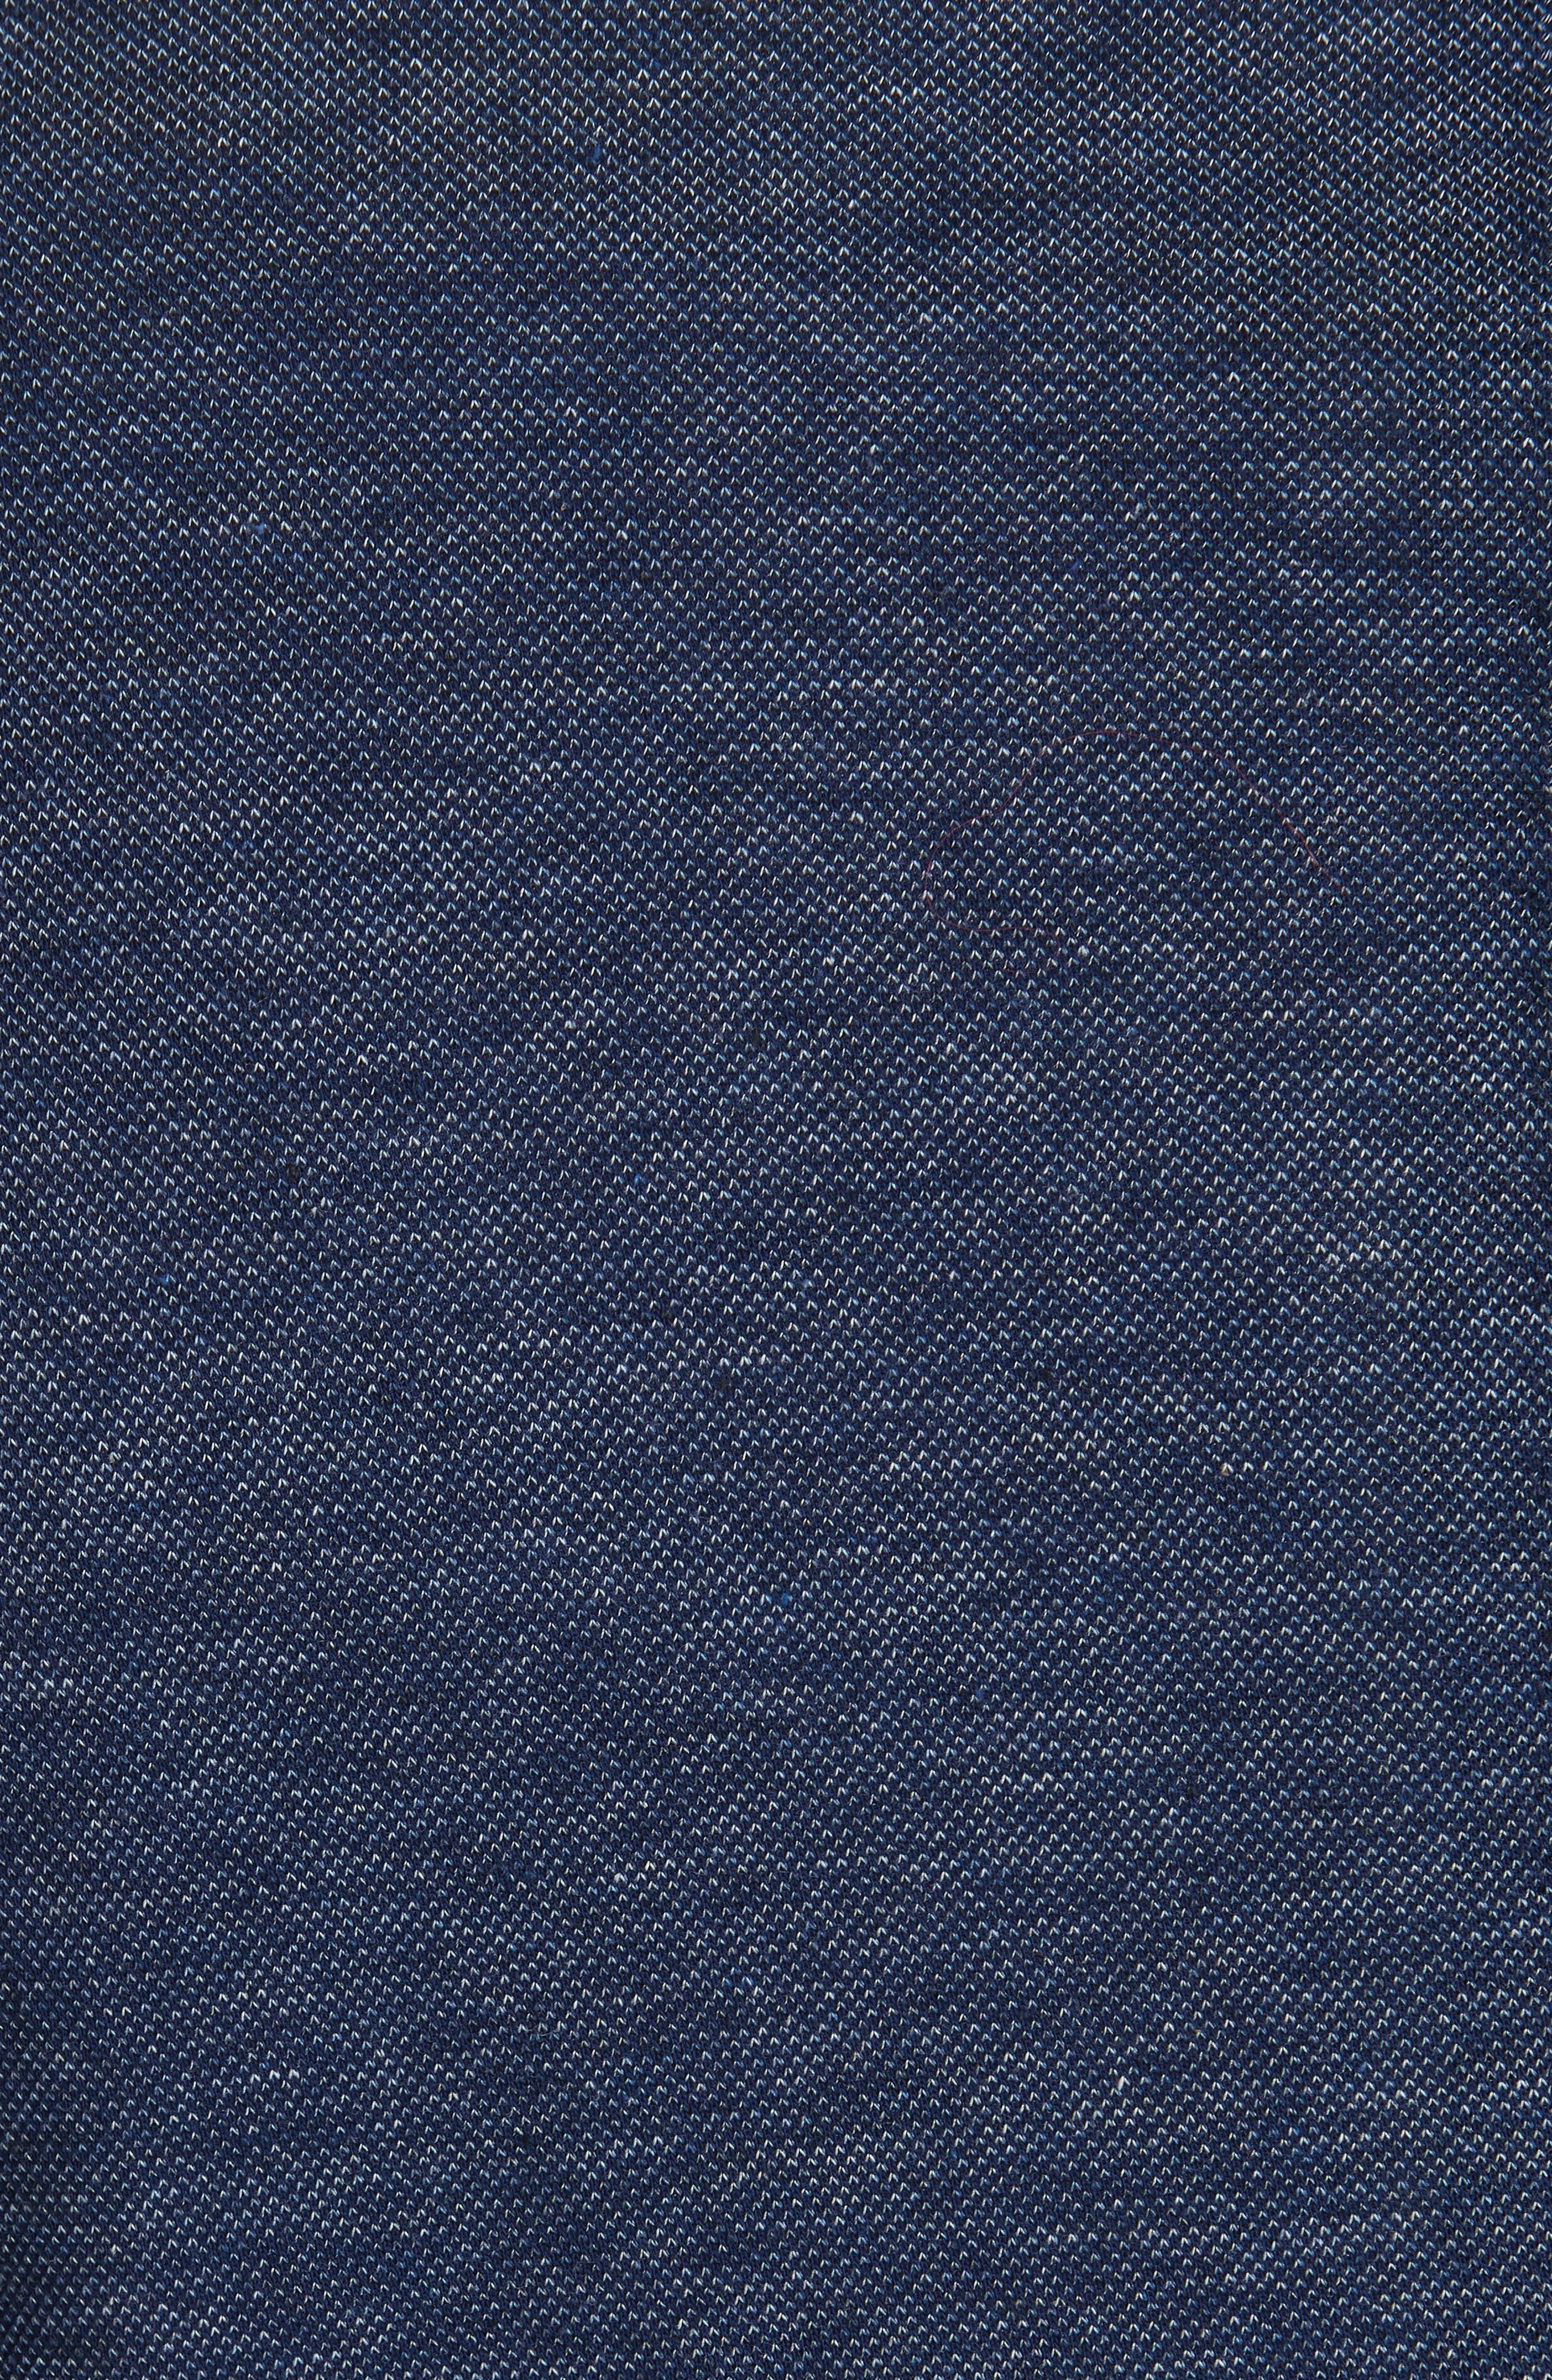 Slim Fit Cotton Blazer,                             Alternate thumbnail 4, color,                             Blue